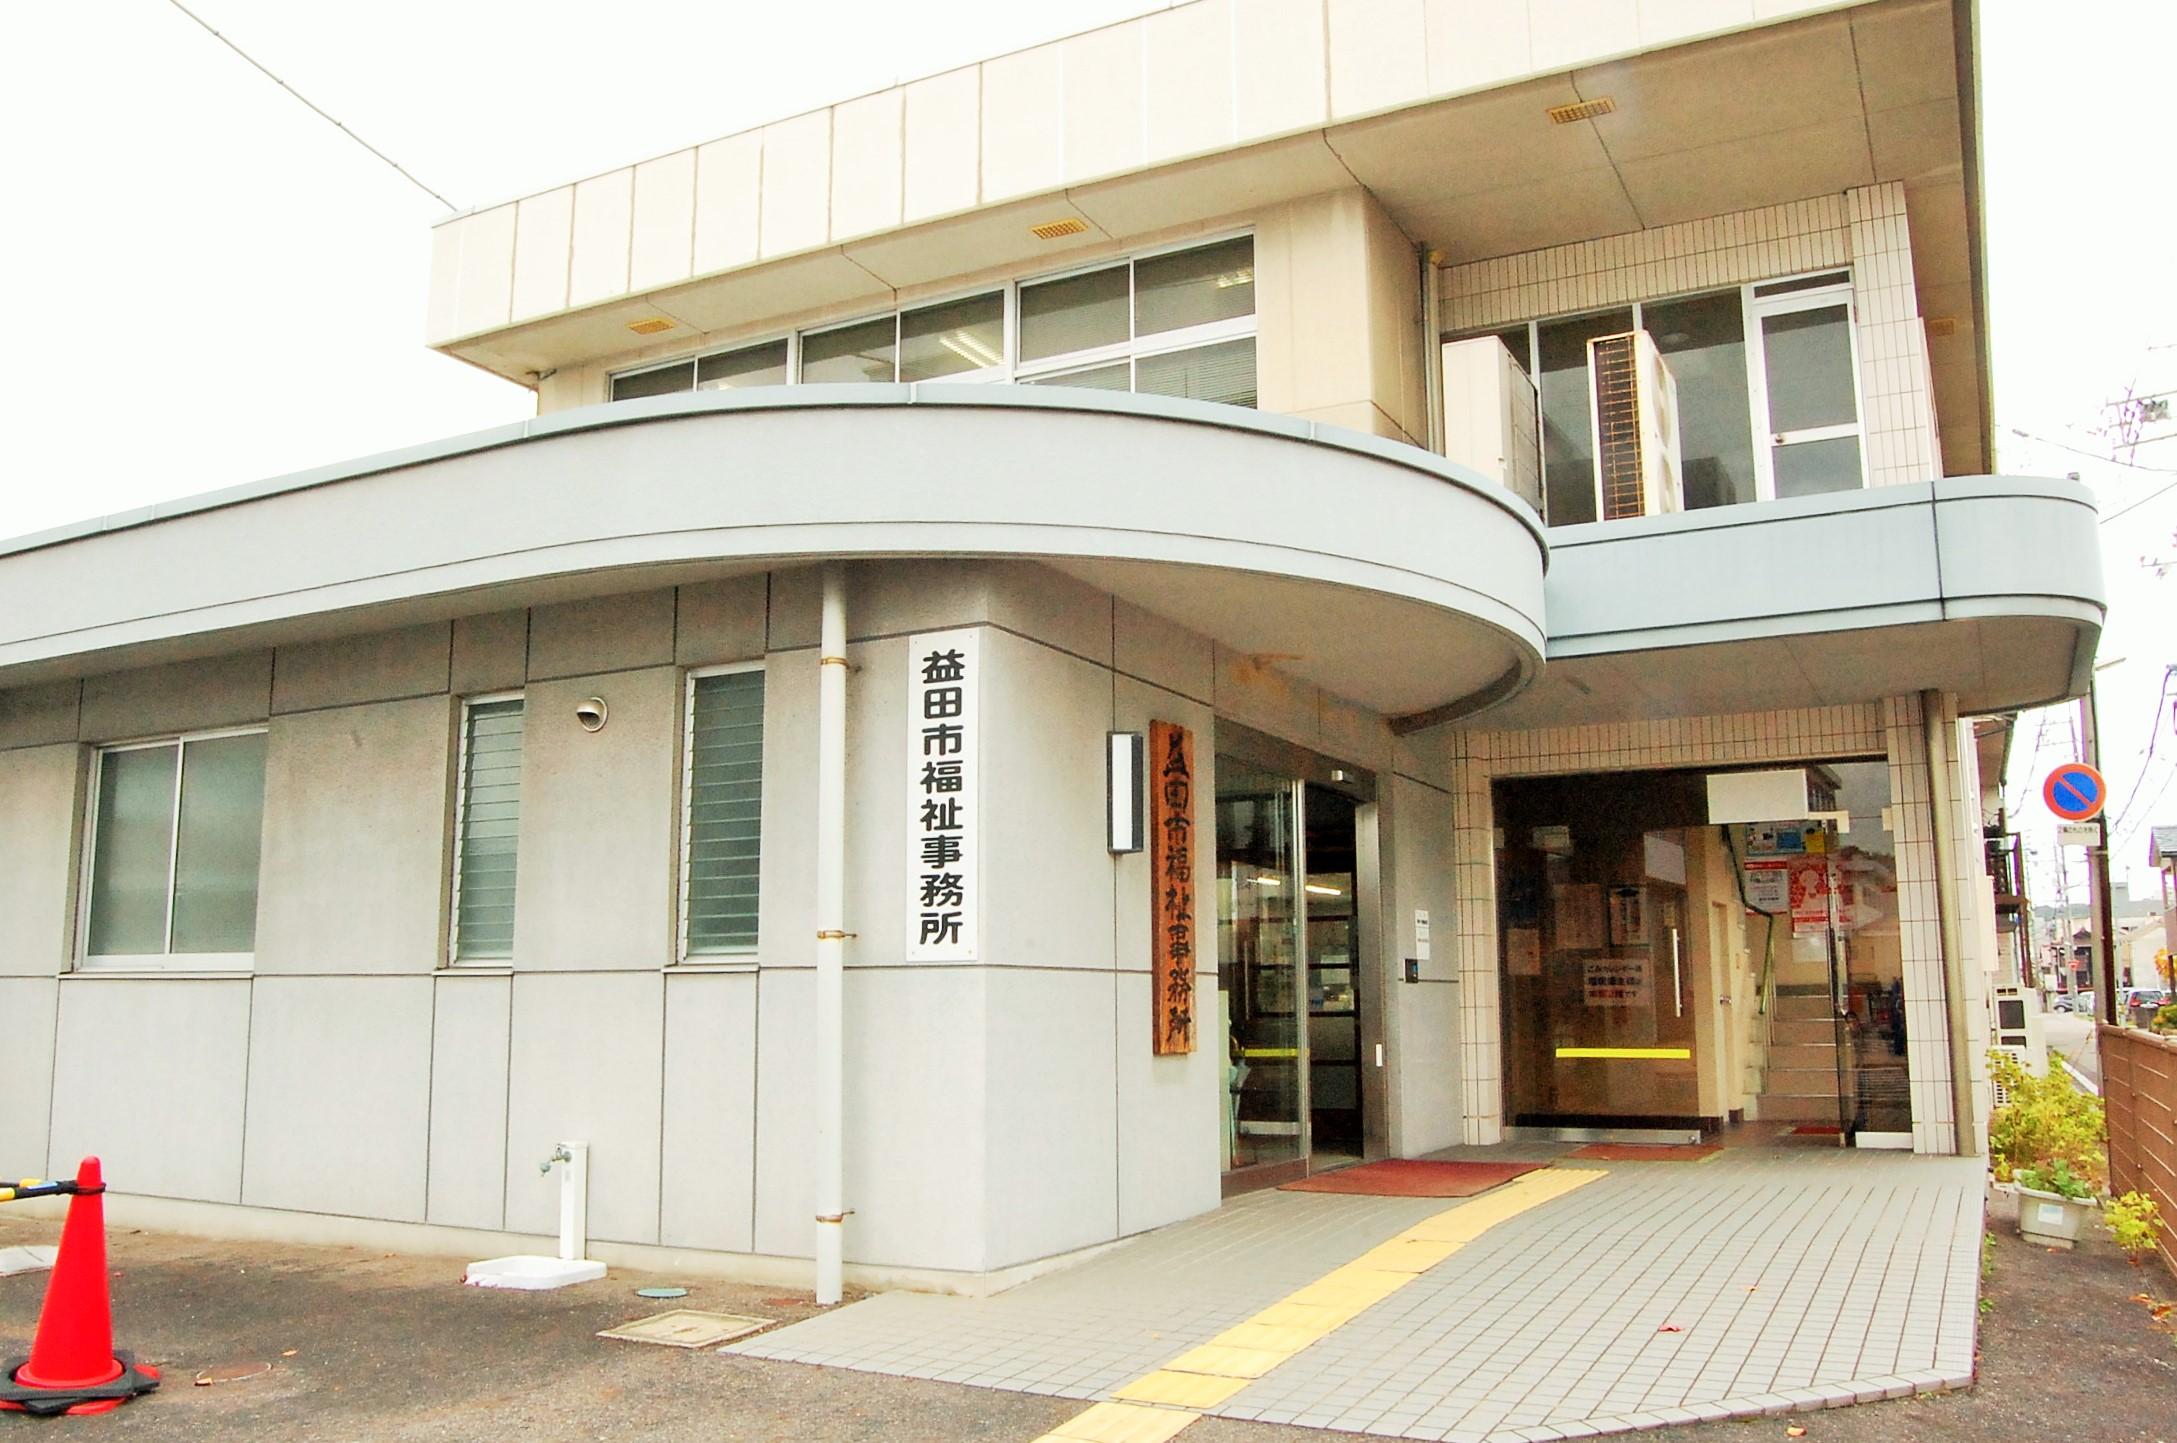 益田市福祉事務所 | ますだ 安心おでかけバリアフリーマップ